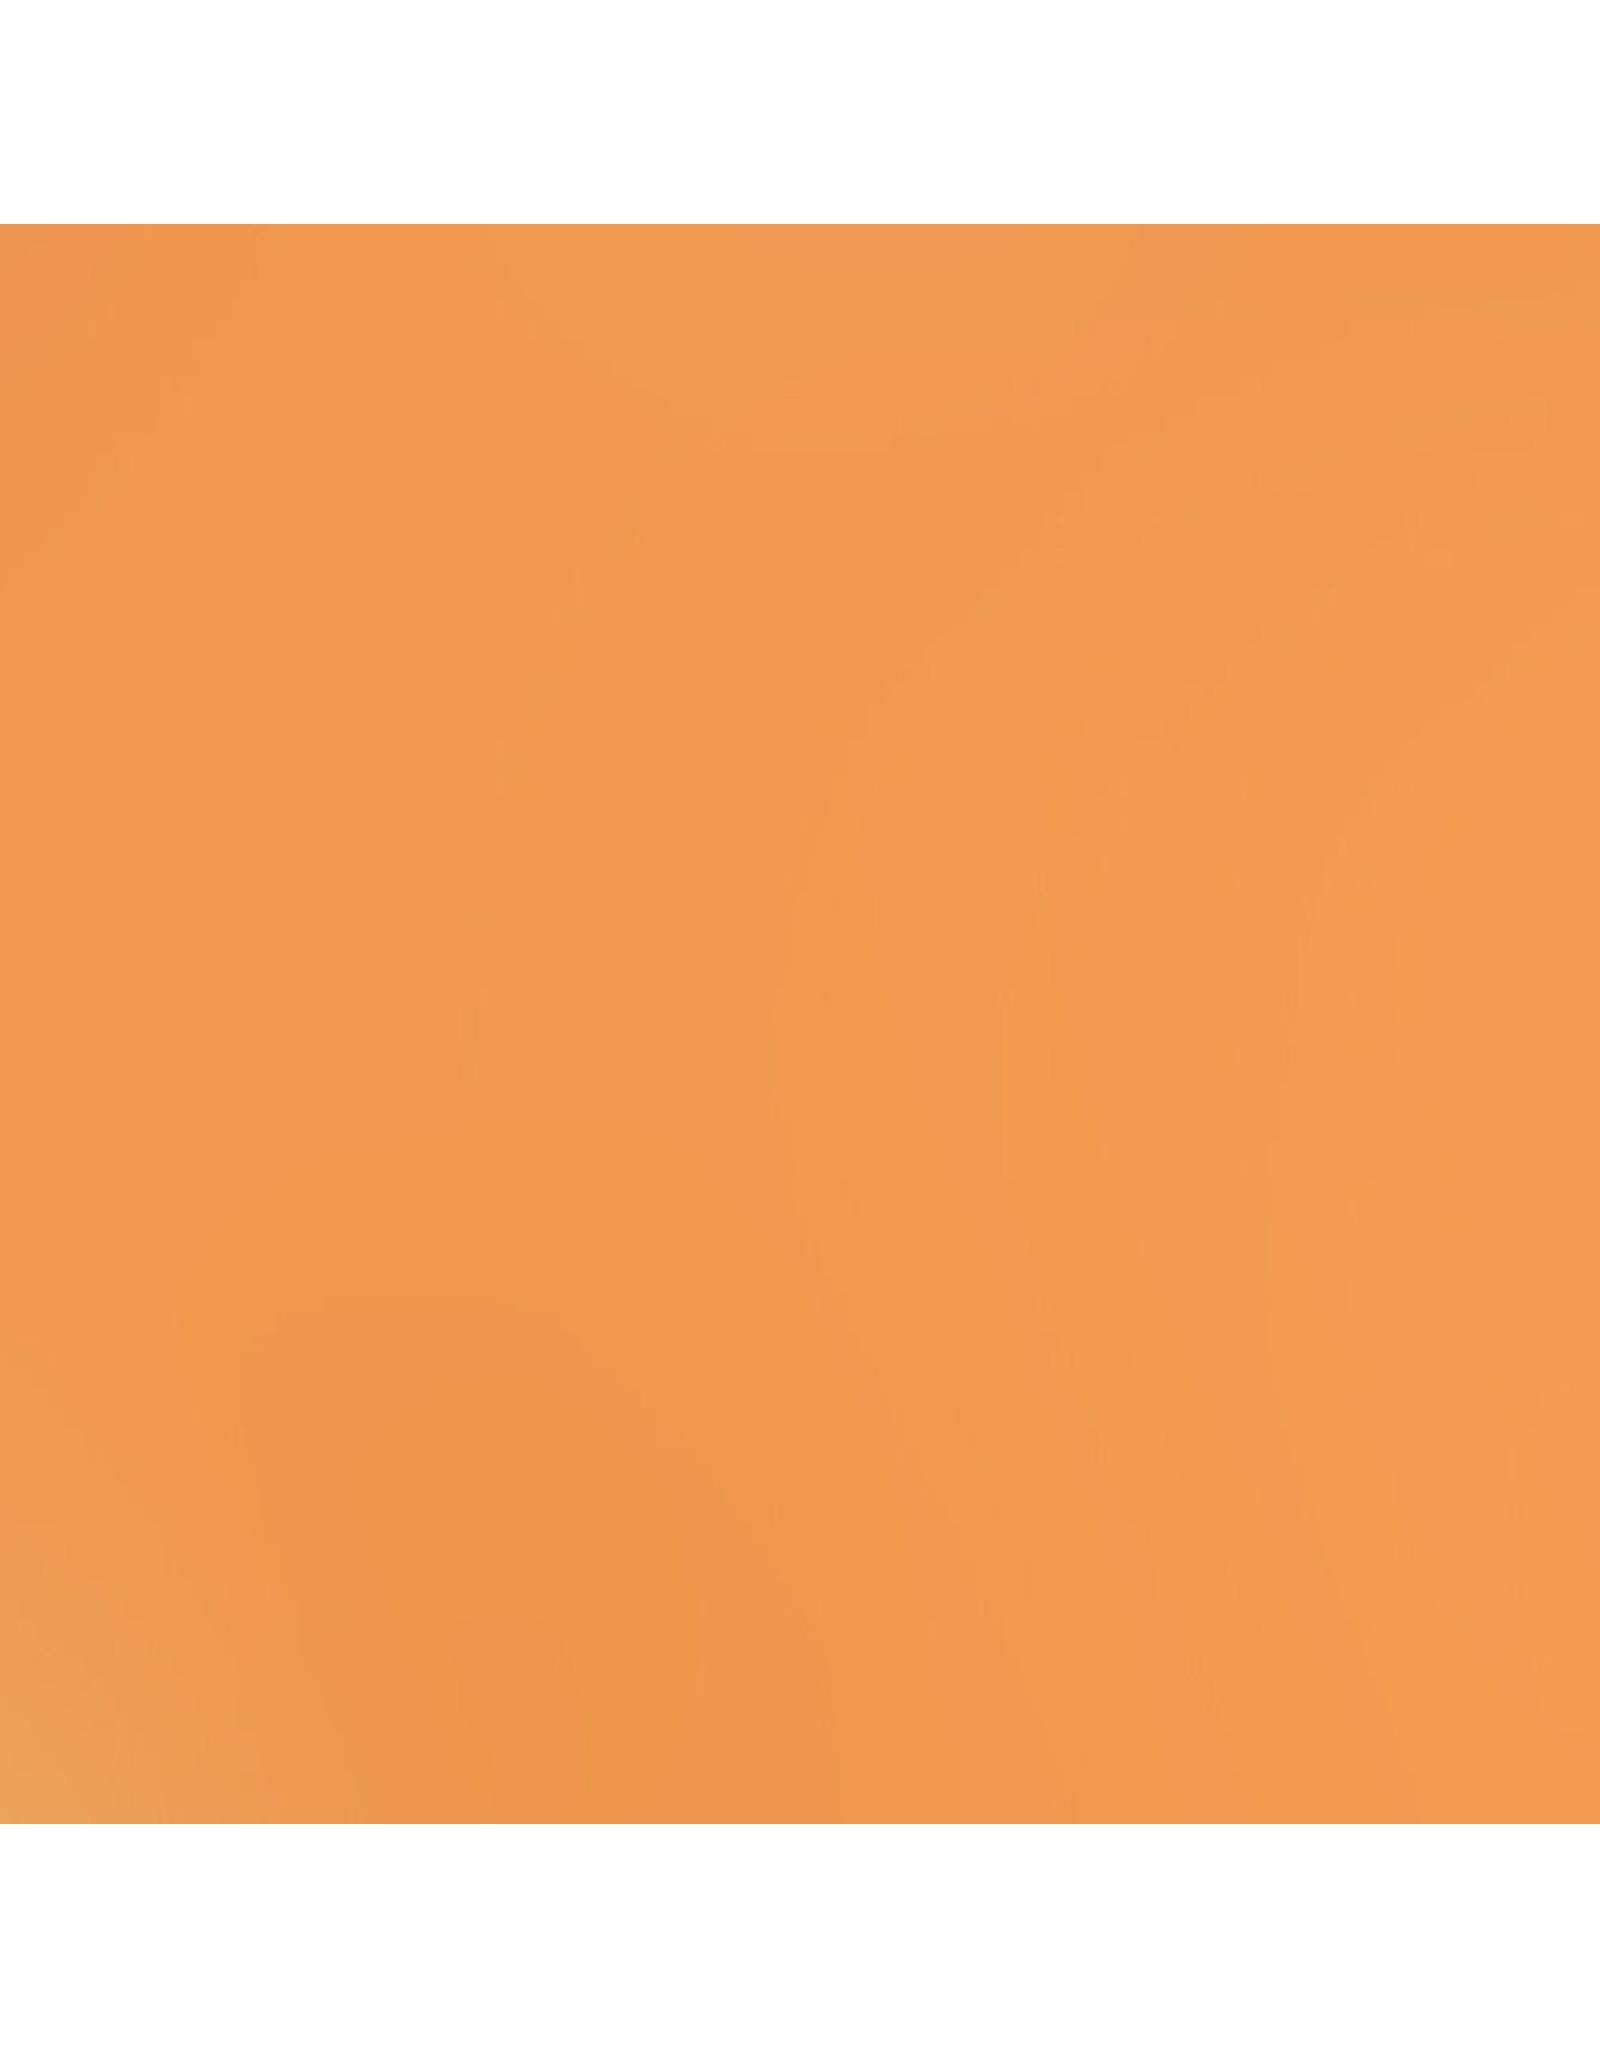 Bazzill Bazzill Card Shoppe 8.5x11 - Citrus Slice